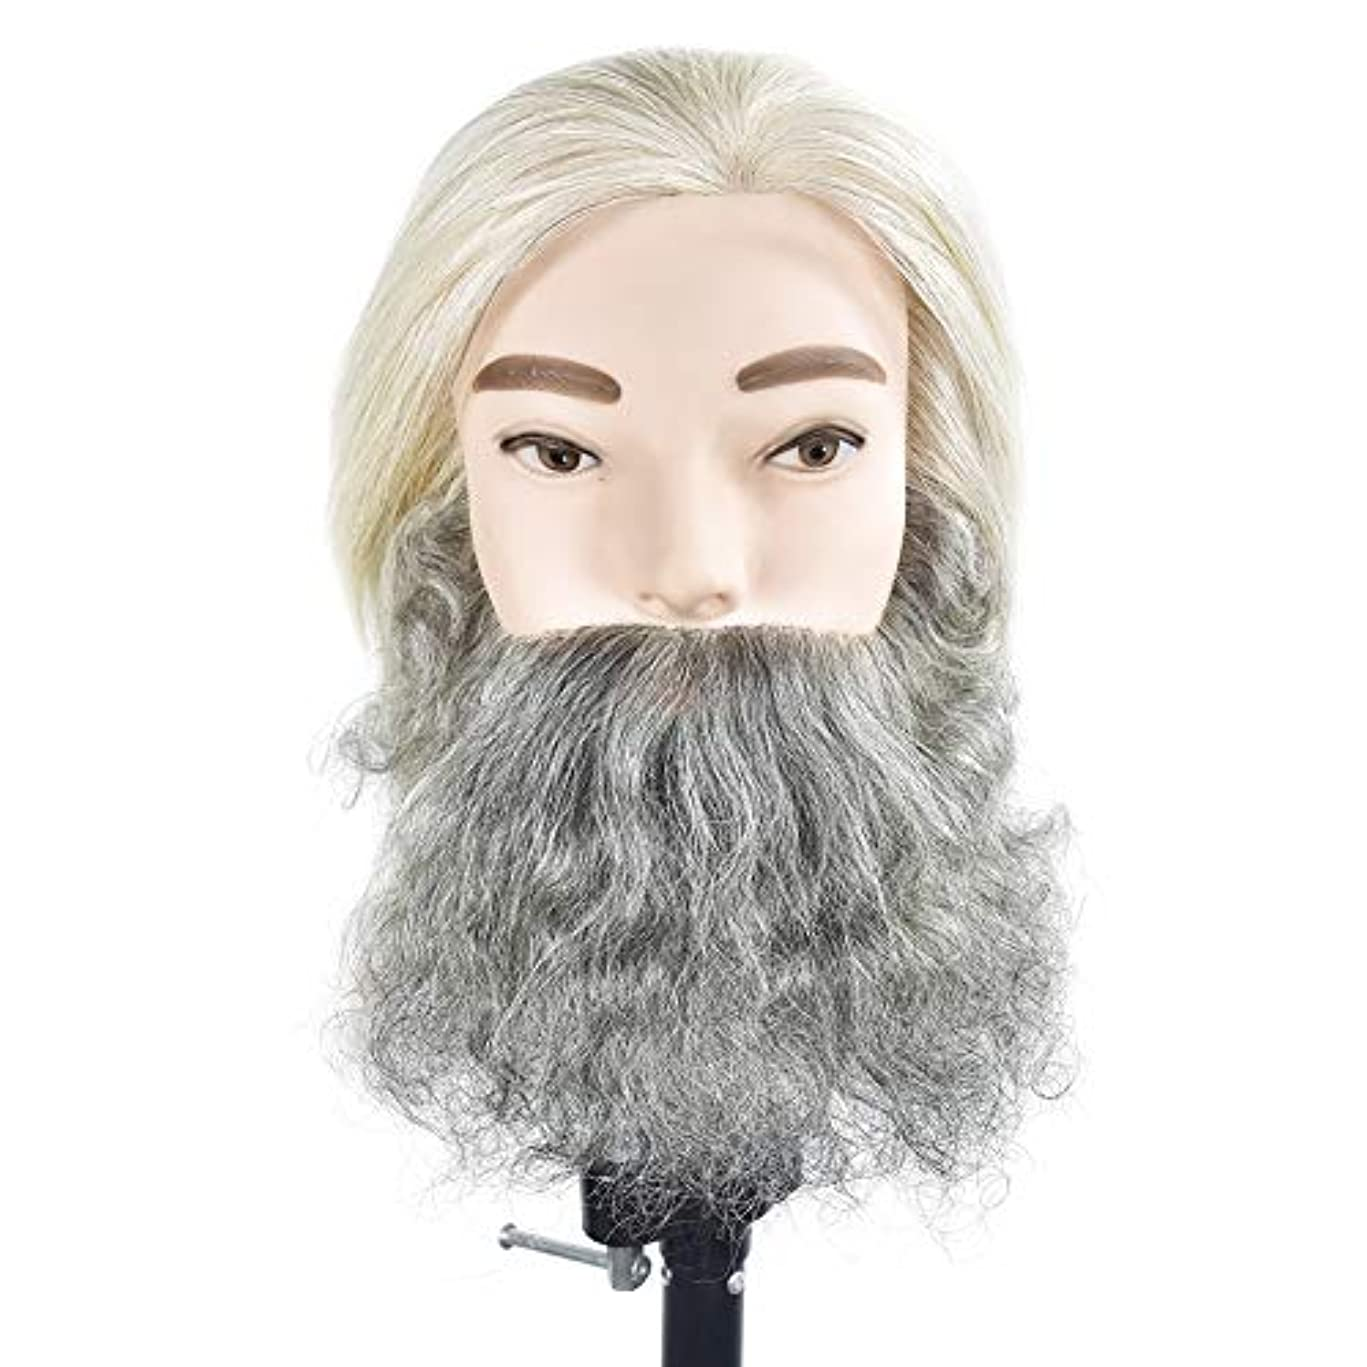 サイレント上三番リアル人間の髪トレーニングヘッドパーマ髪モデル髪染め理髪ダミーヘッドトリミングひげ学習ヘッドモデル